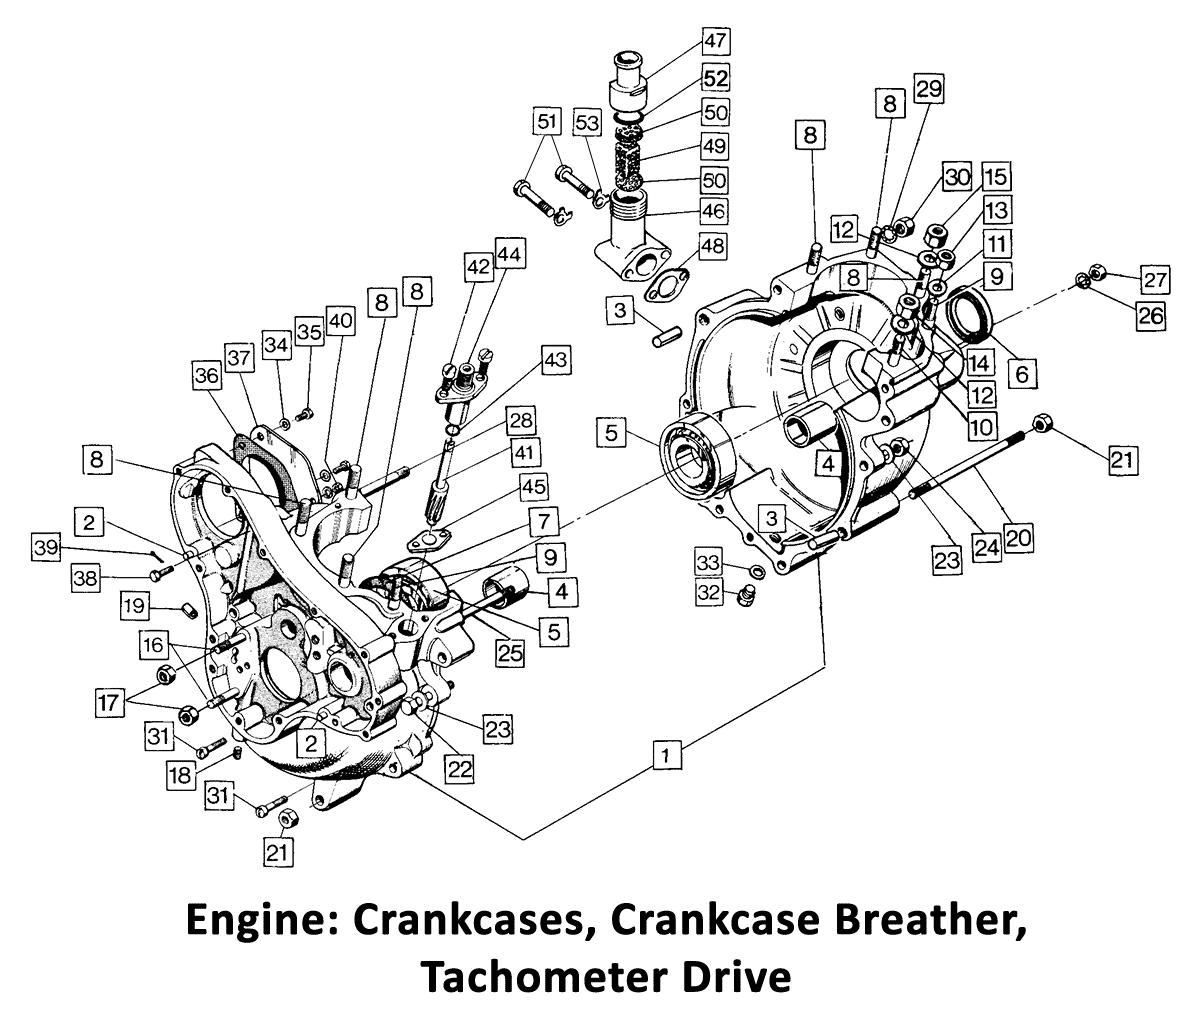 Norton Commando Crankcases Breather Tacho Drive